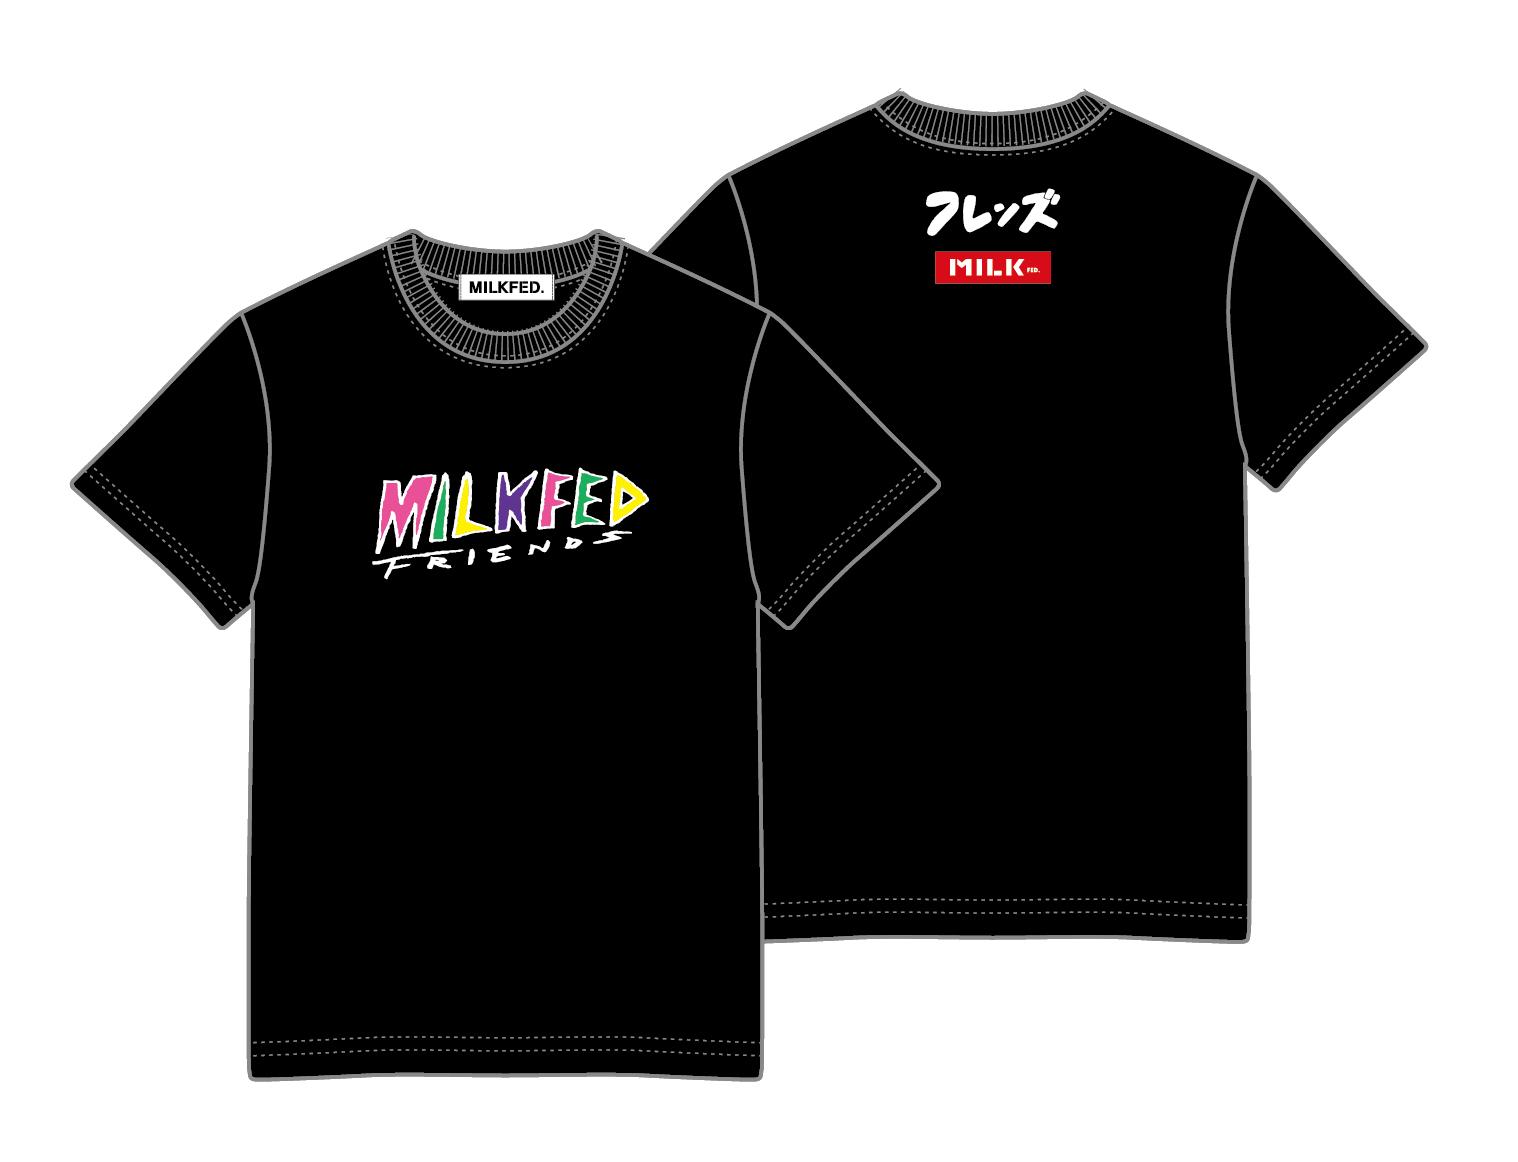 【配送商品】フレンズ × MILKFED. コラボTシャツ BLACK(S)の画像